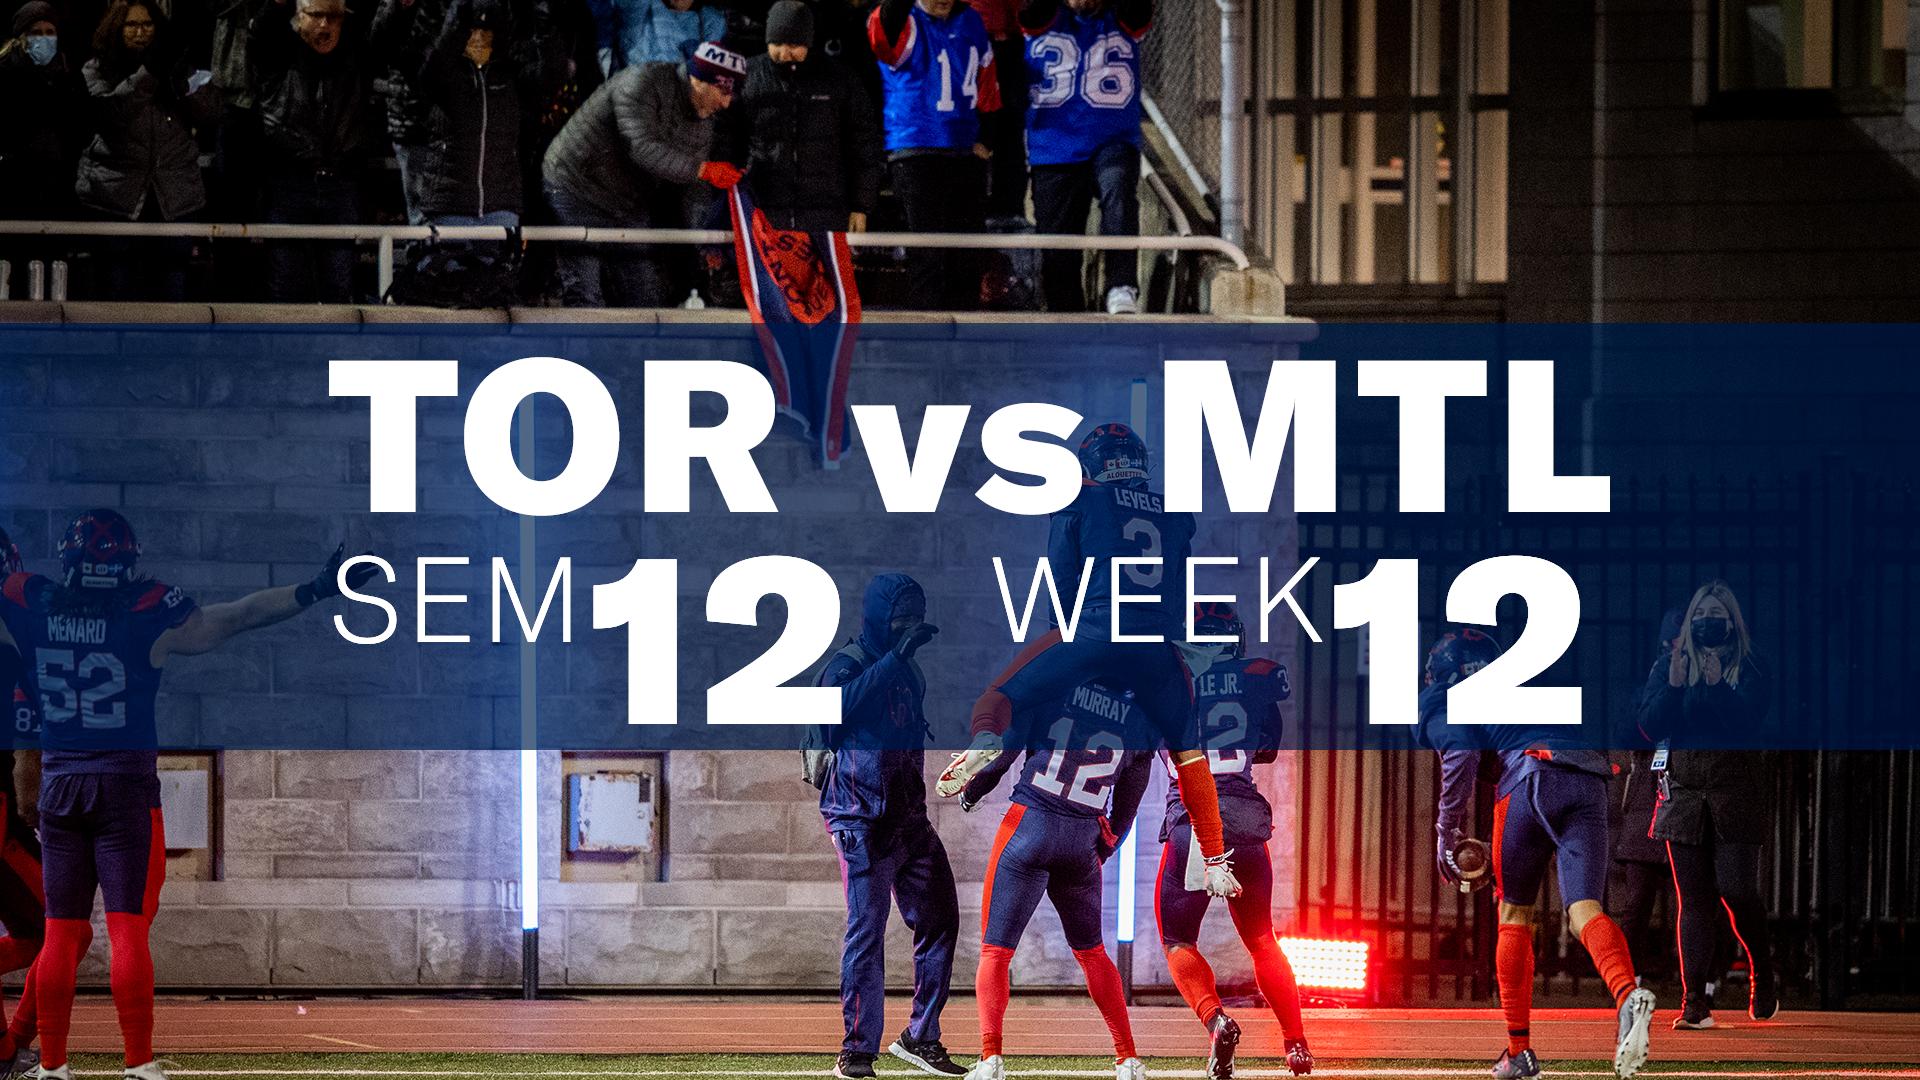 Résumé de la victoire vs Toronto - Semaine 12